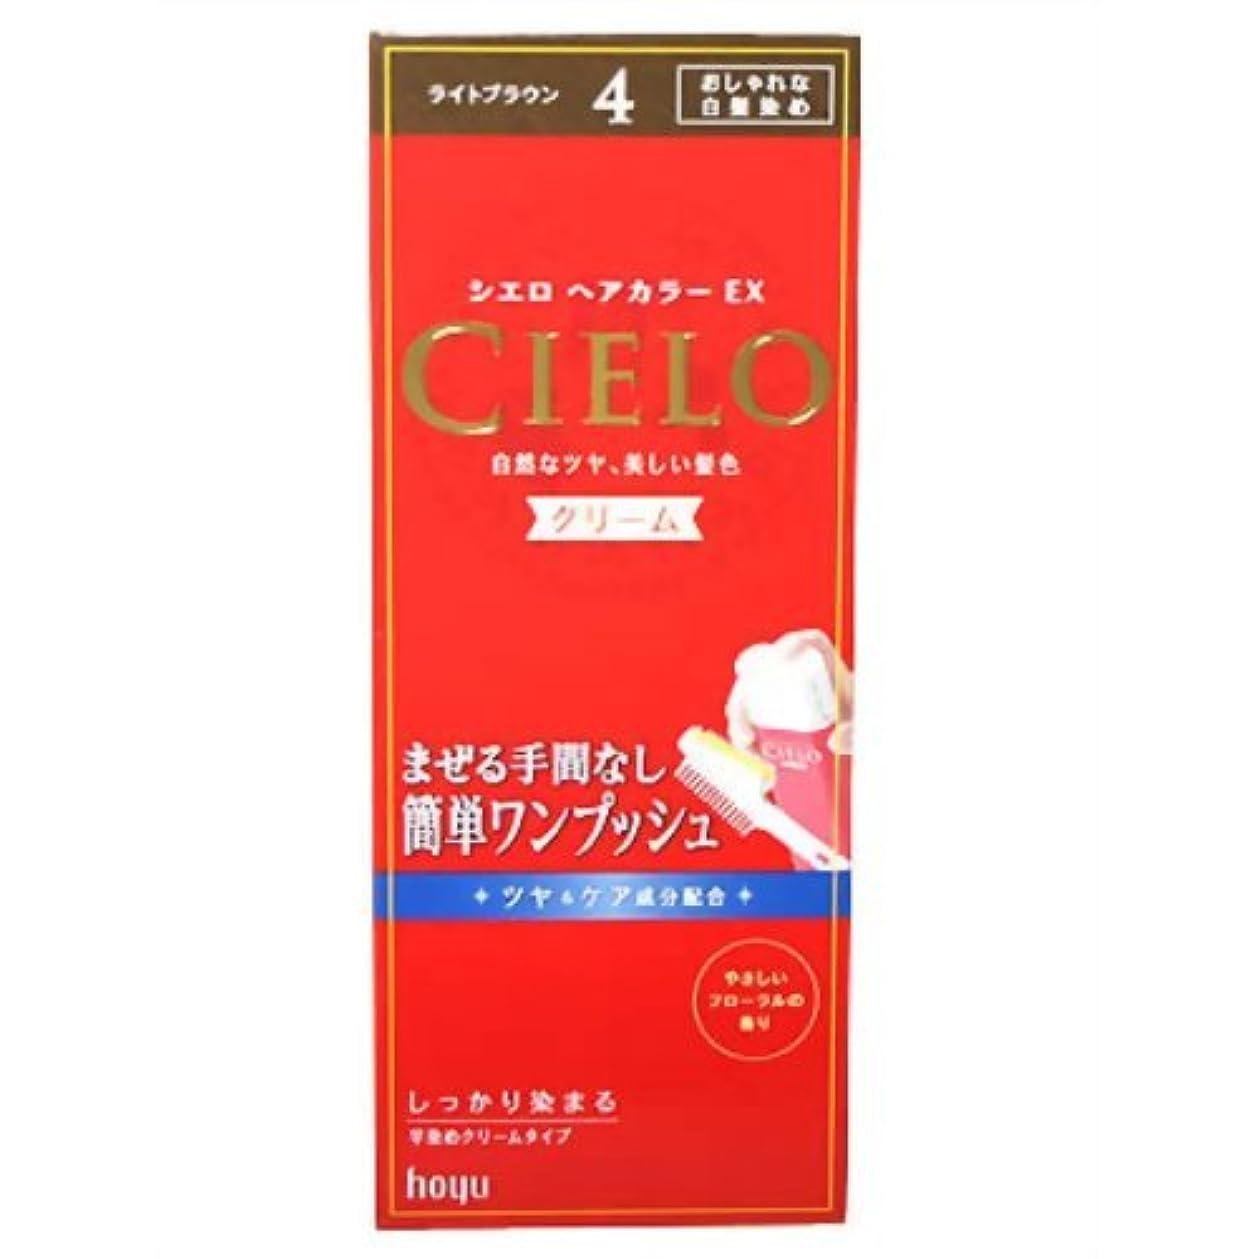 誠意リフレッシュ小川シエロ ヘアカラーEX クリーム4 (ライトブラウン)